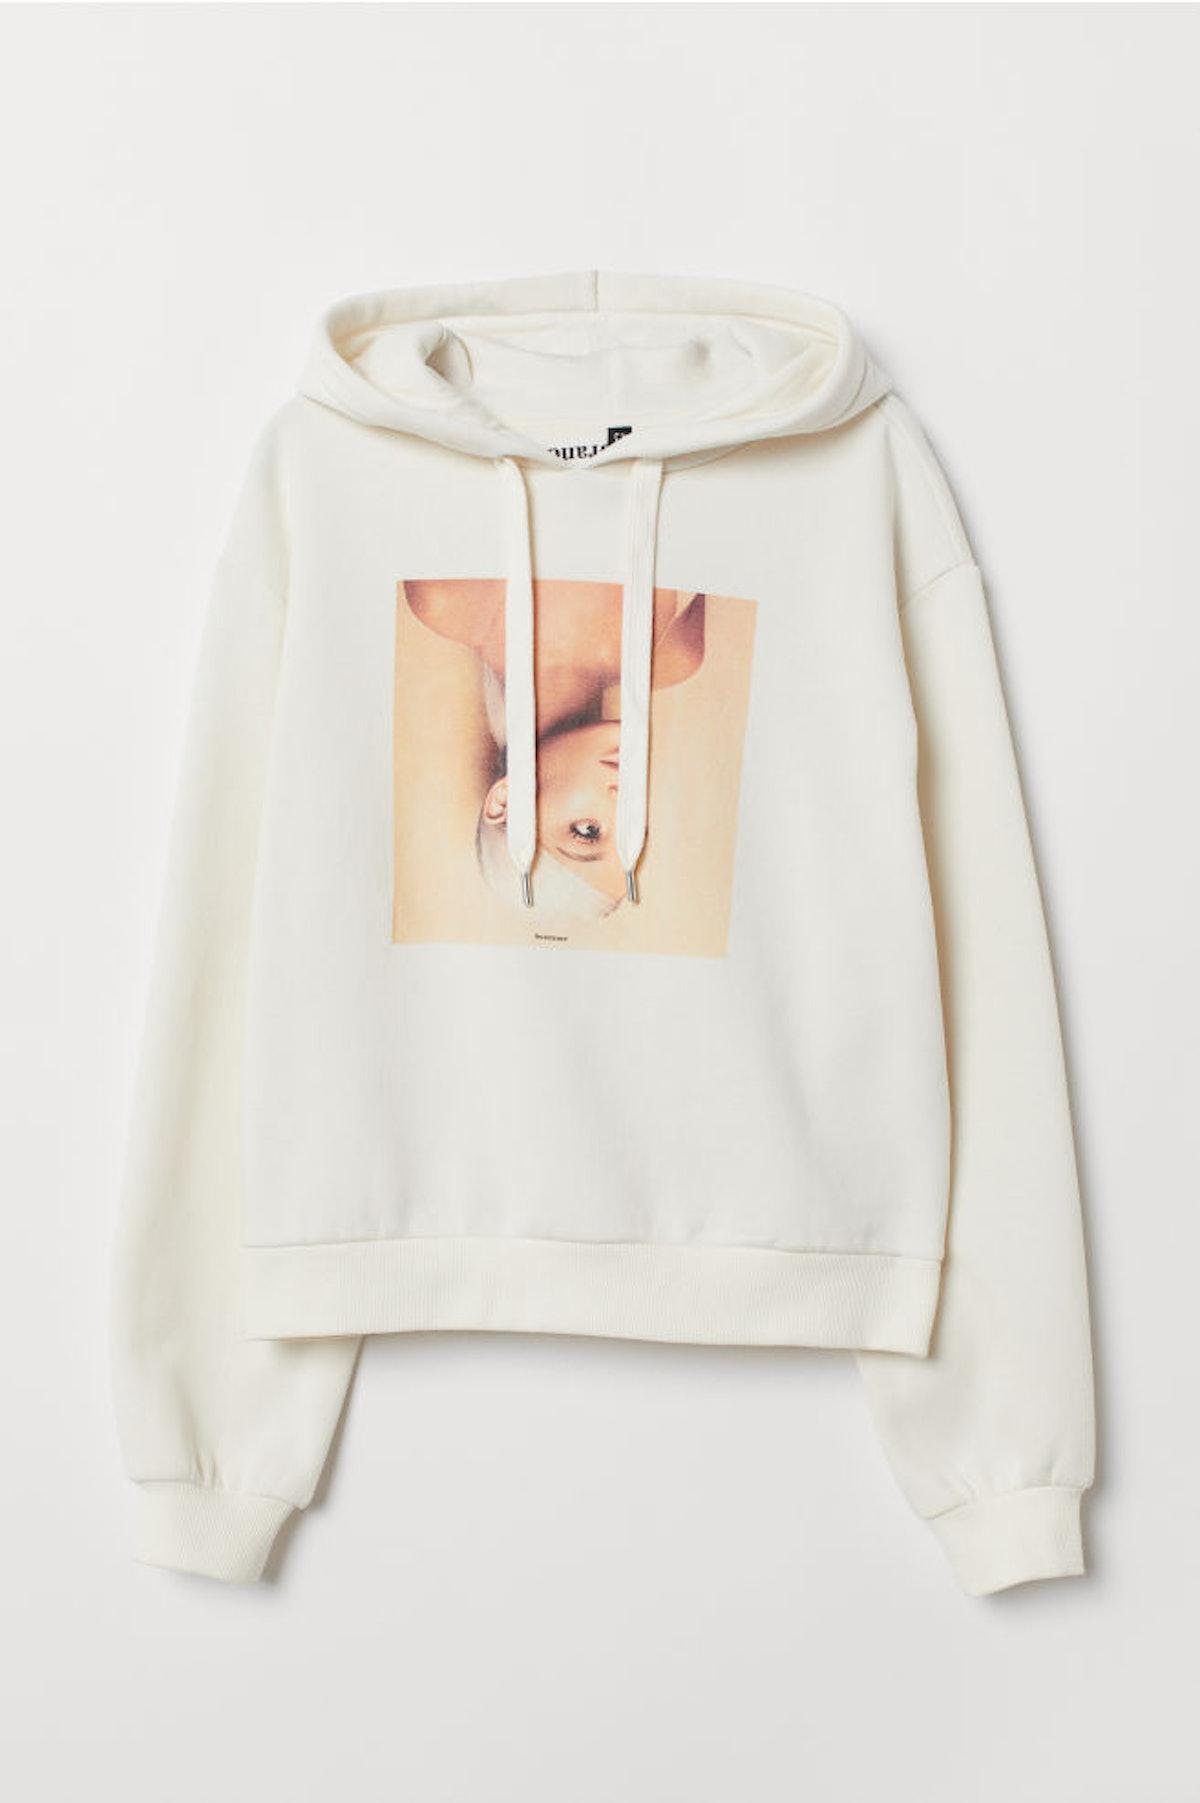 Short Printed Hooded Top